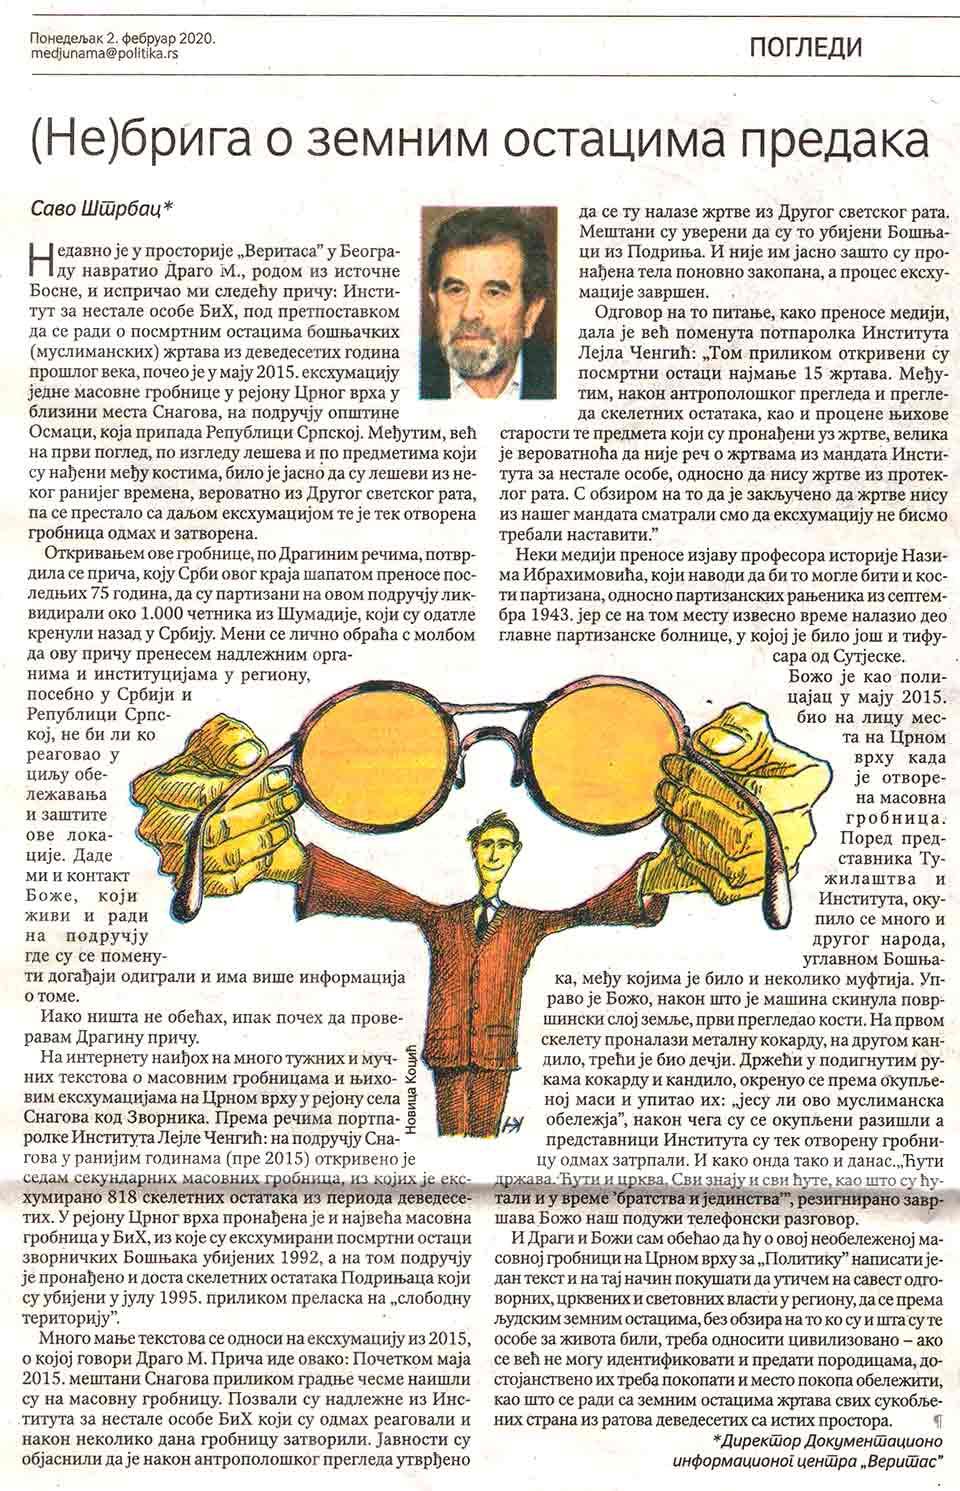 Savo Štrbac: (NE)BRIGA O ZEMNIM OSTACIMA PREDAKA, Politika, 2.3.2020. Foto: Screenshot